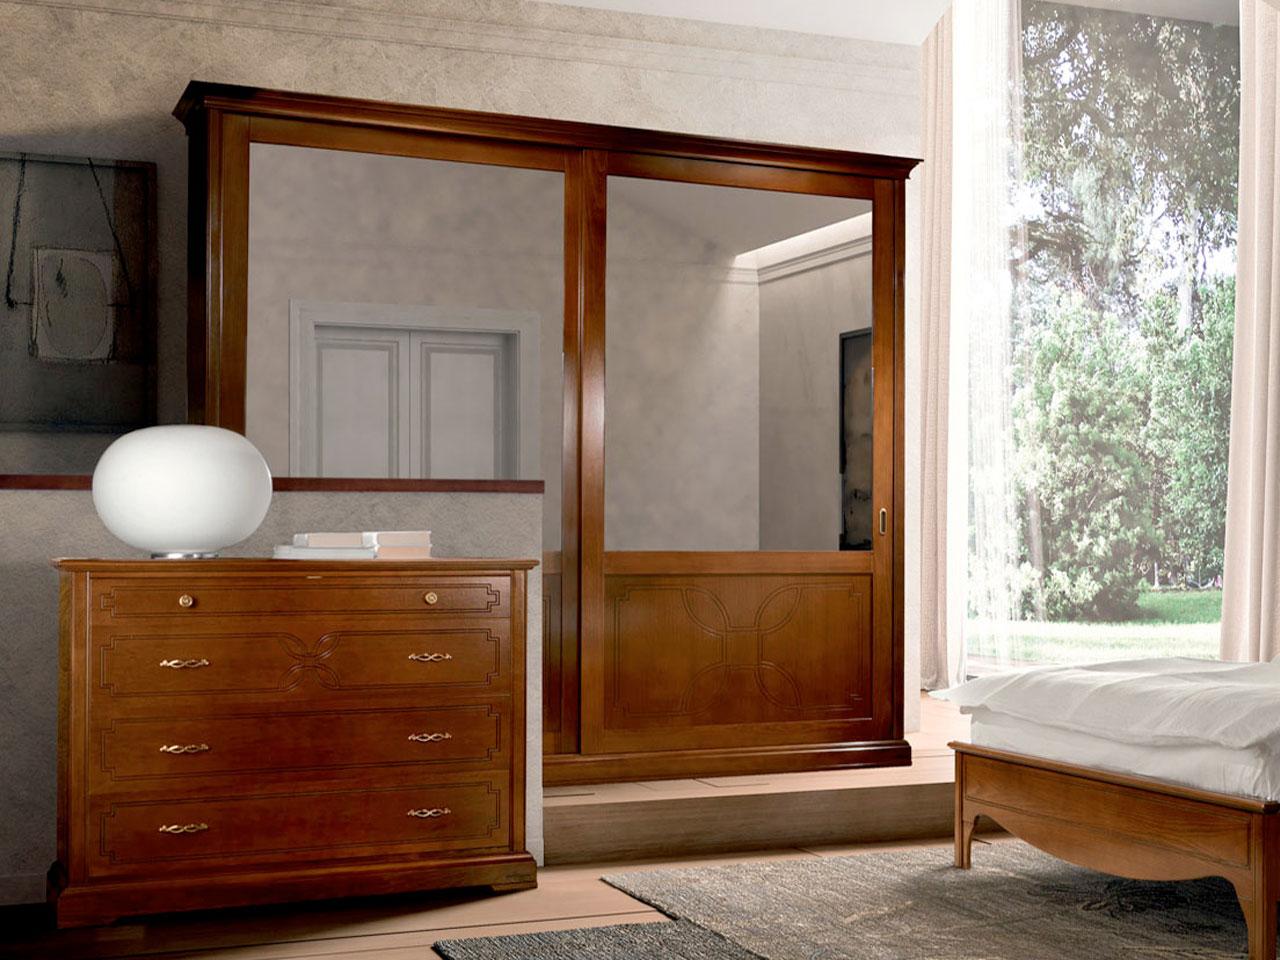 Camere Da Letto Bruno Piombini | Mobili Incardone